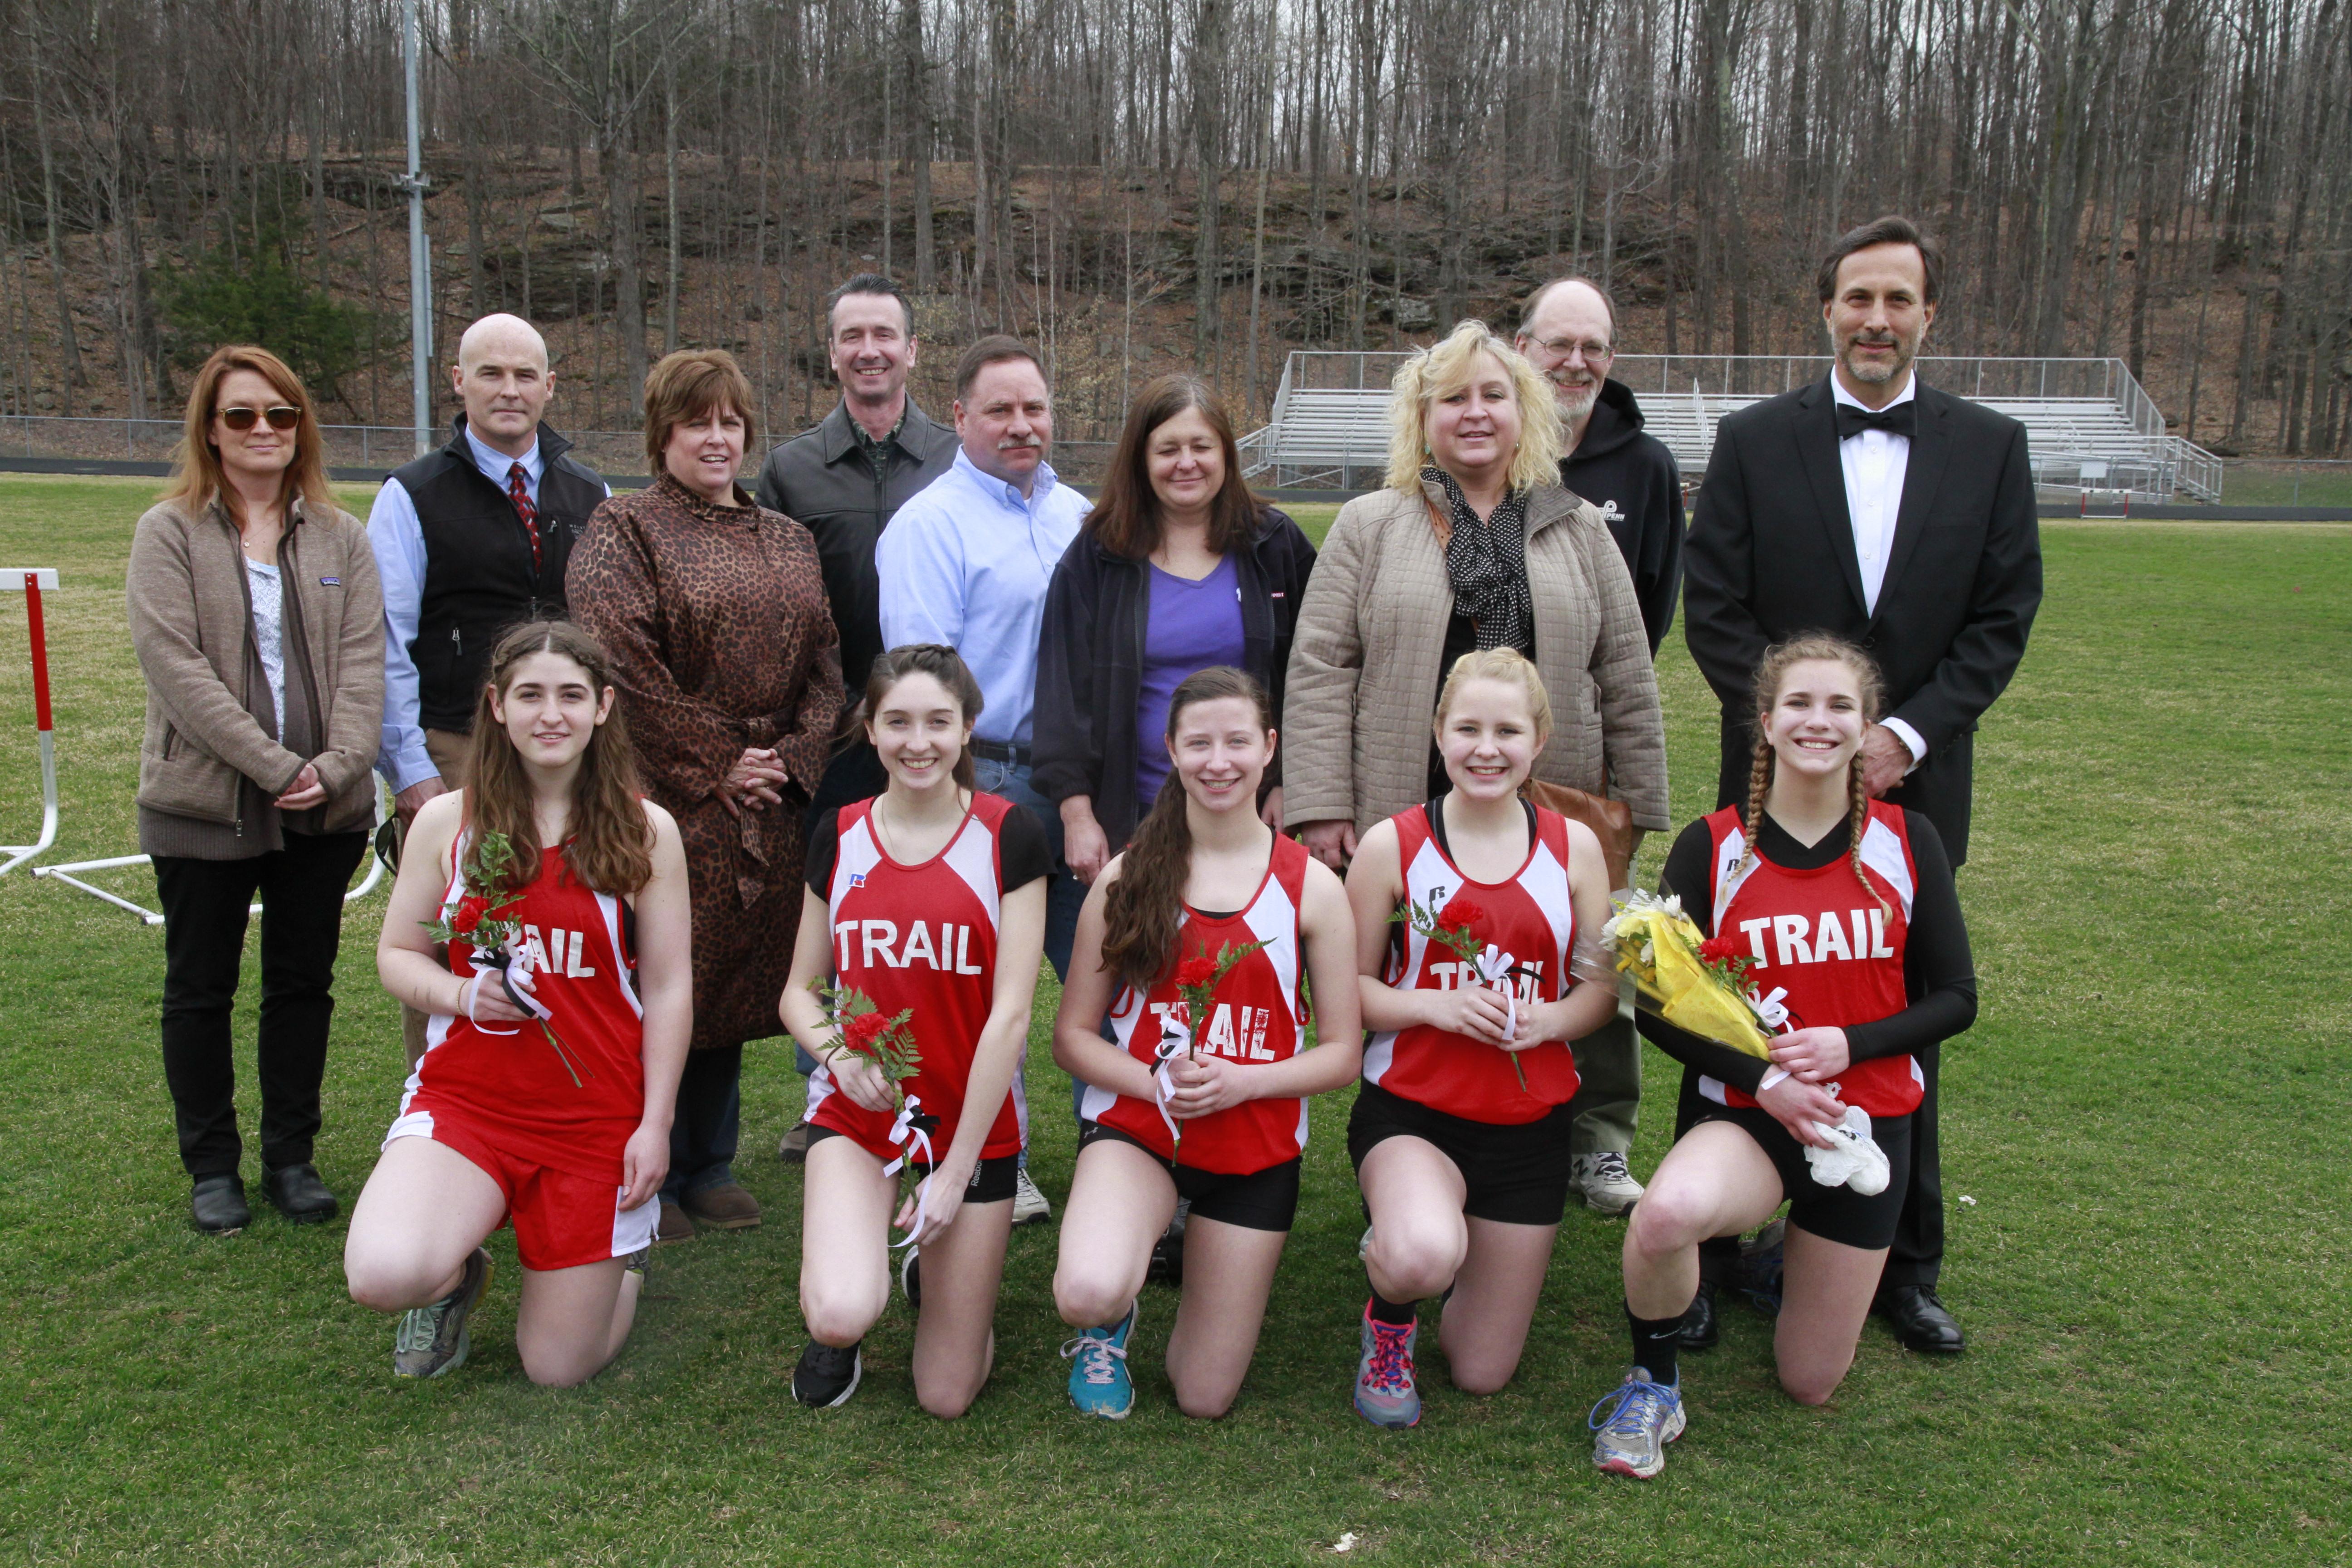 LT Track senior girls